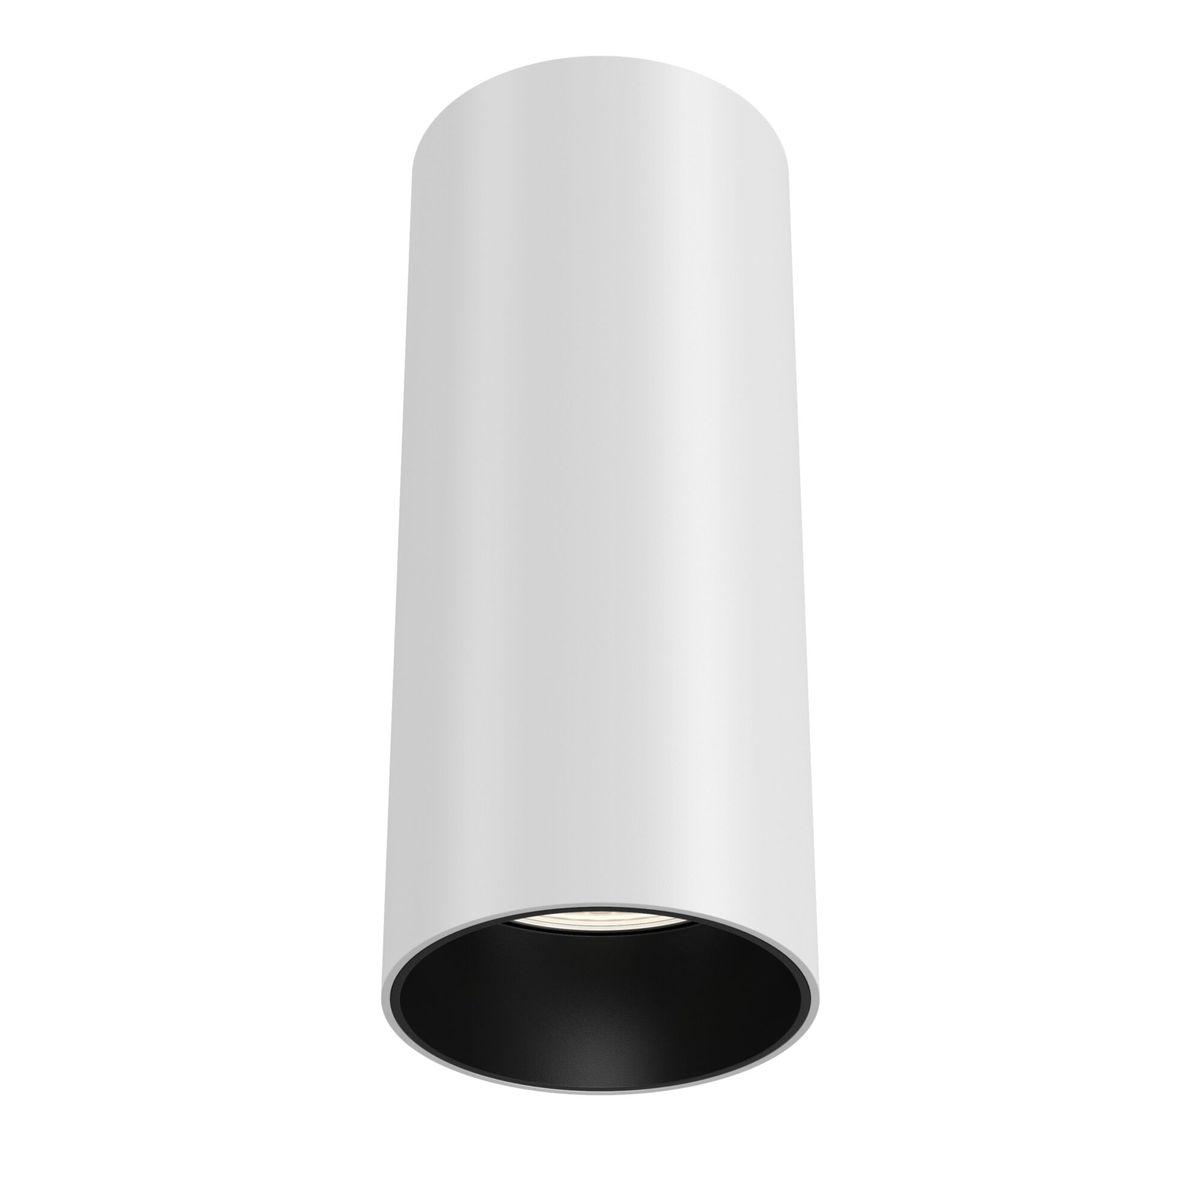 Фото - Светильник Maytoni C056CL-L12W3K Focus Led светильник maytoni потолочный светодиодный focus led c056cl l12w4k